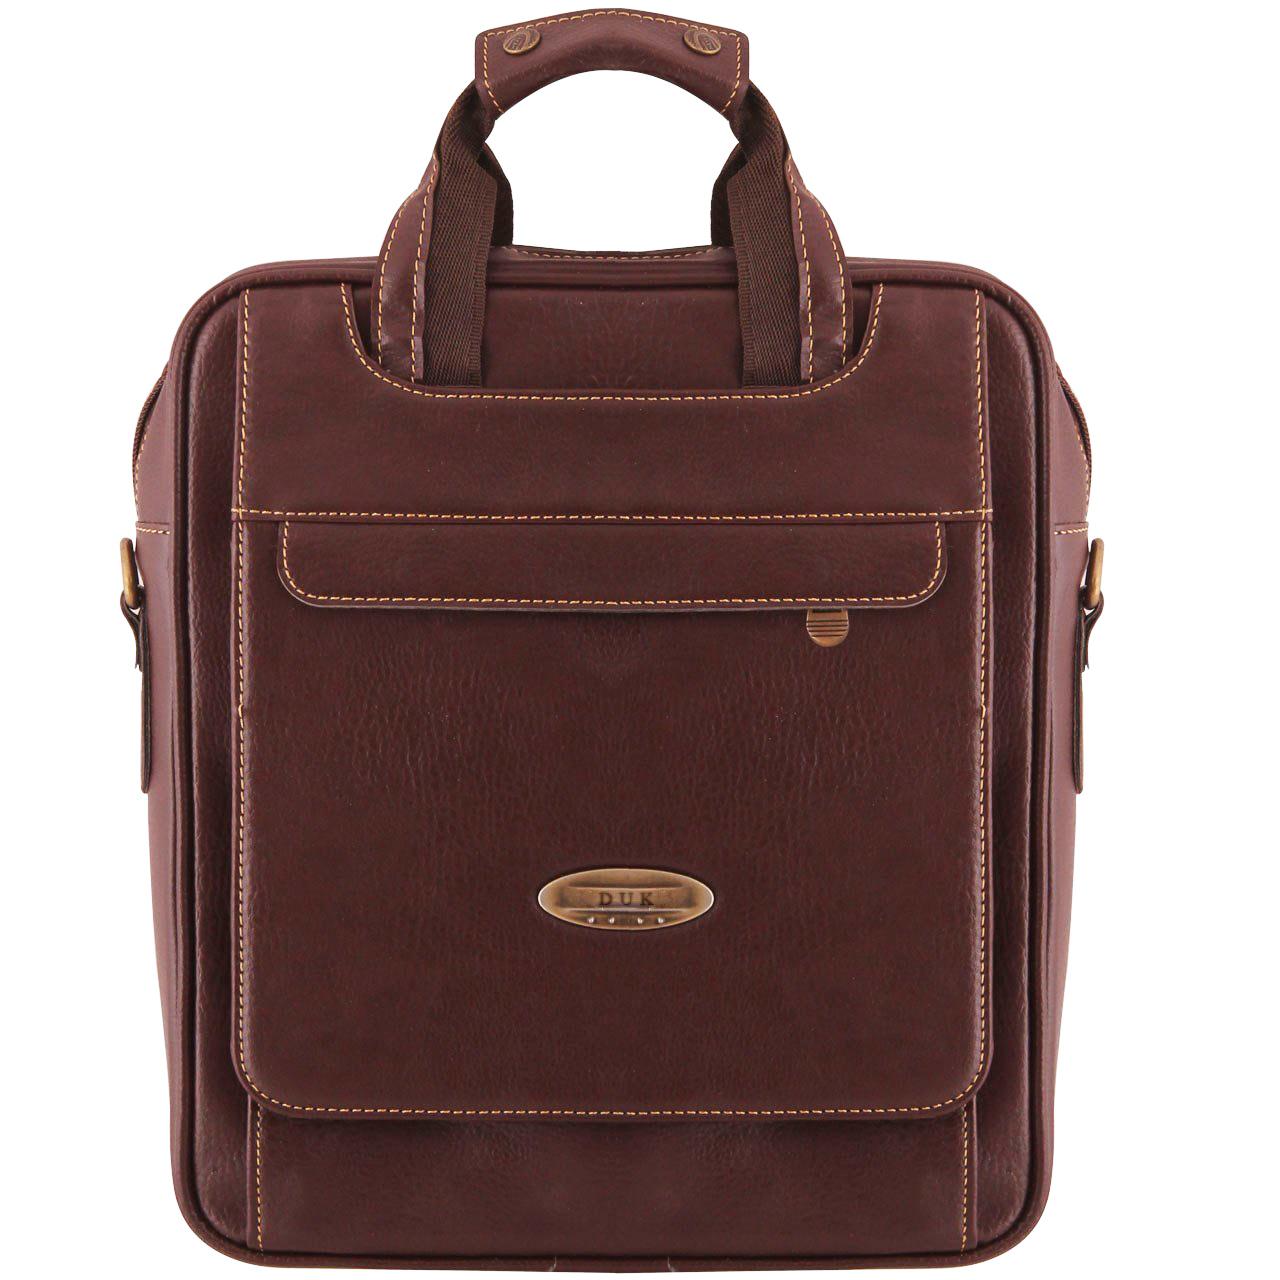 کیف اداری دوک مدل 5-213490